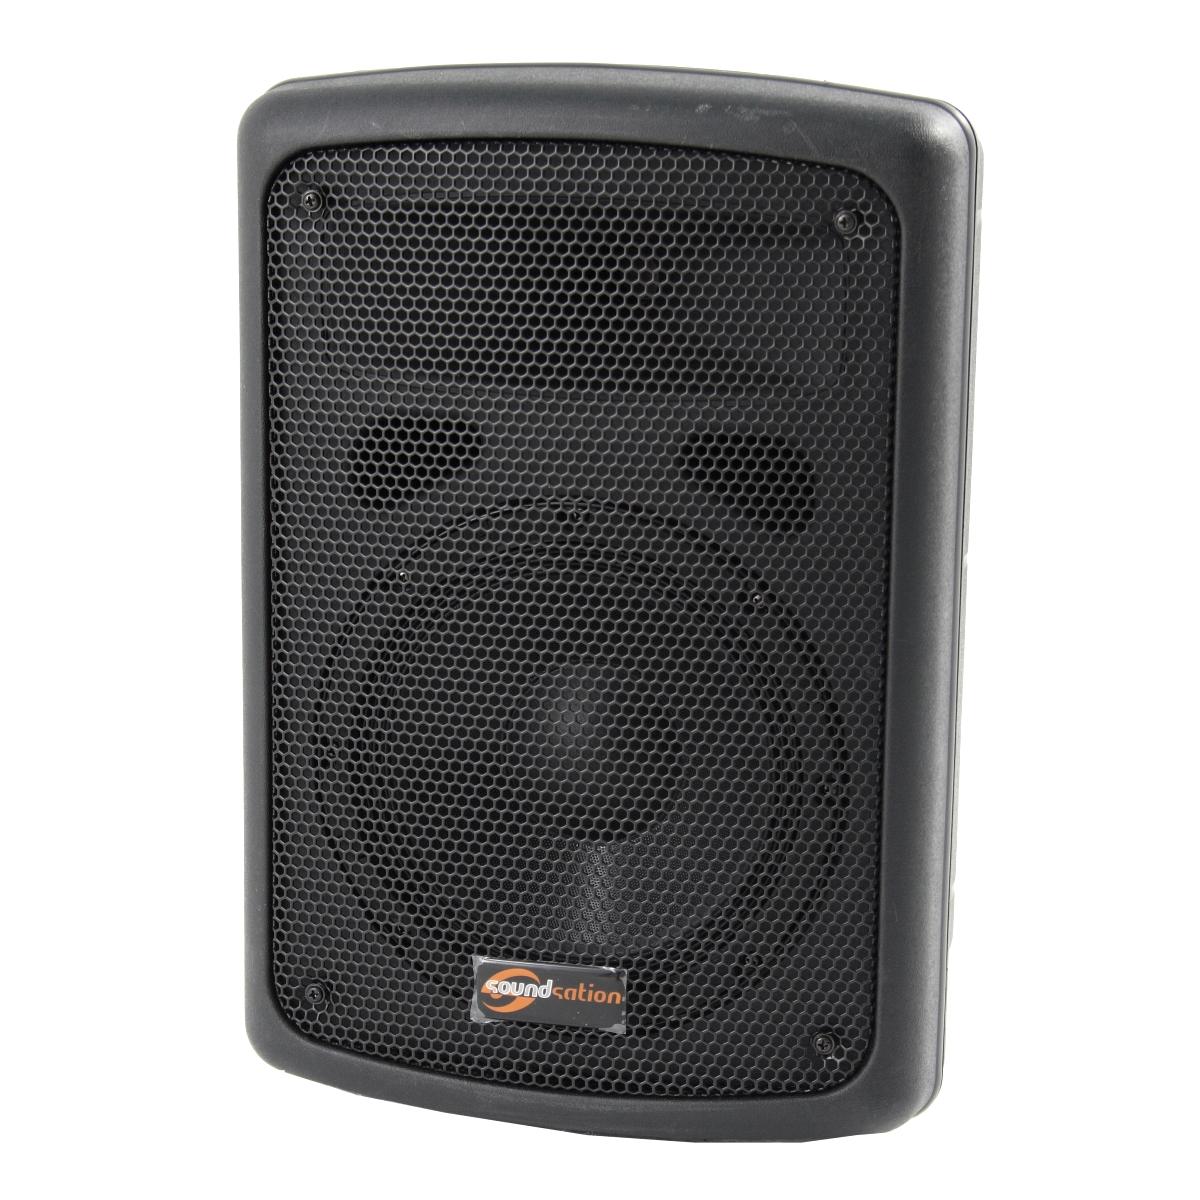 DIFFUSORE SOUNDSATION SPWM-08A 100W 8